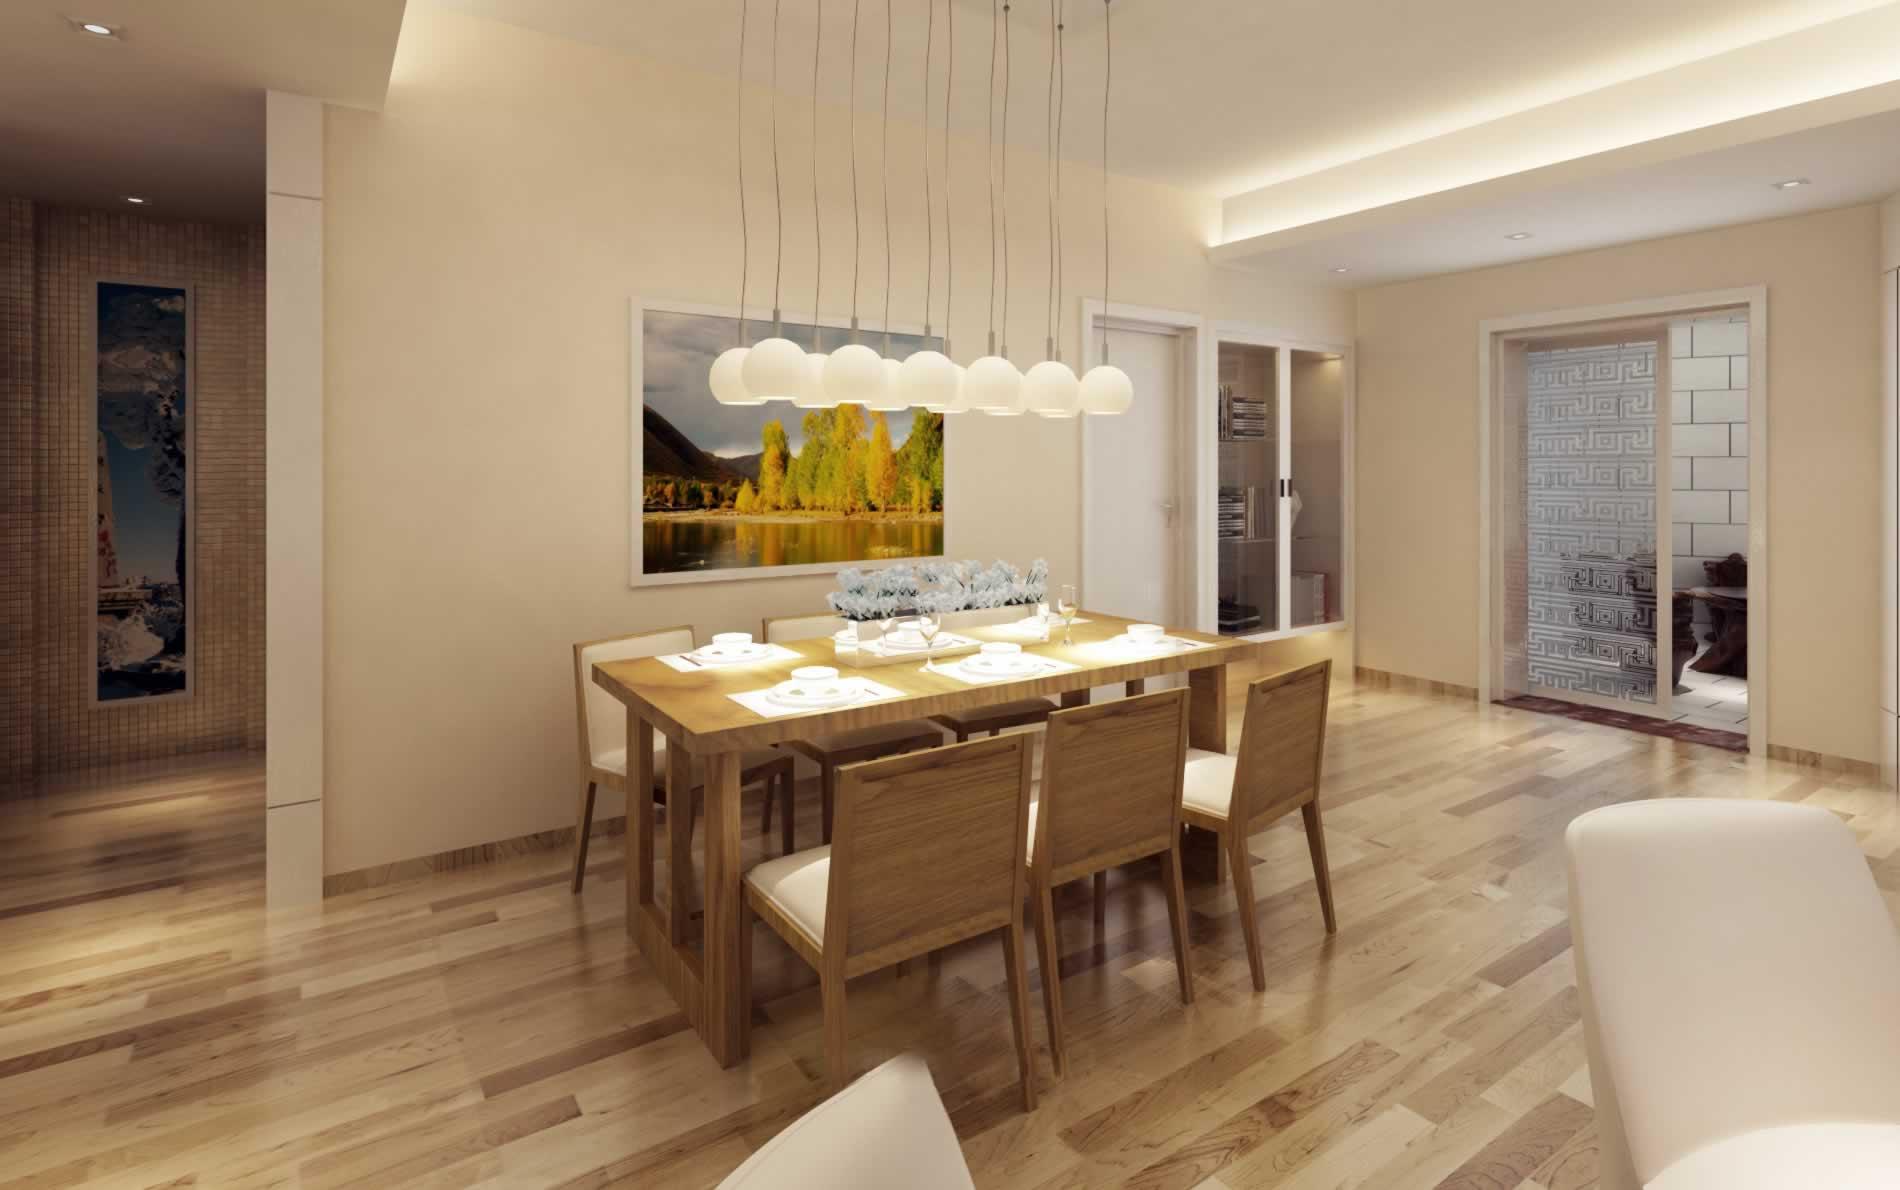 简约风格两室一厅装修案例68平米二居室装修效果图_尹